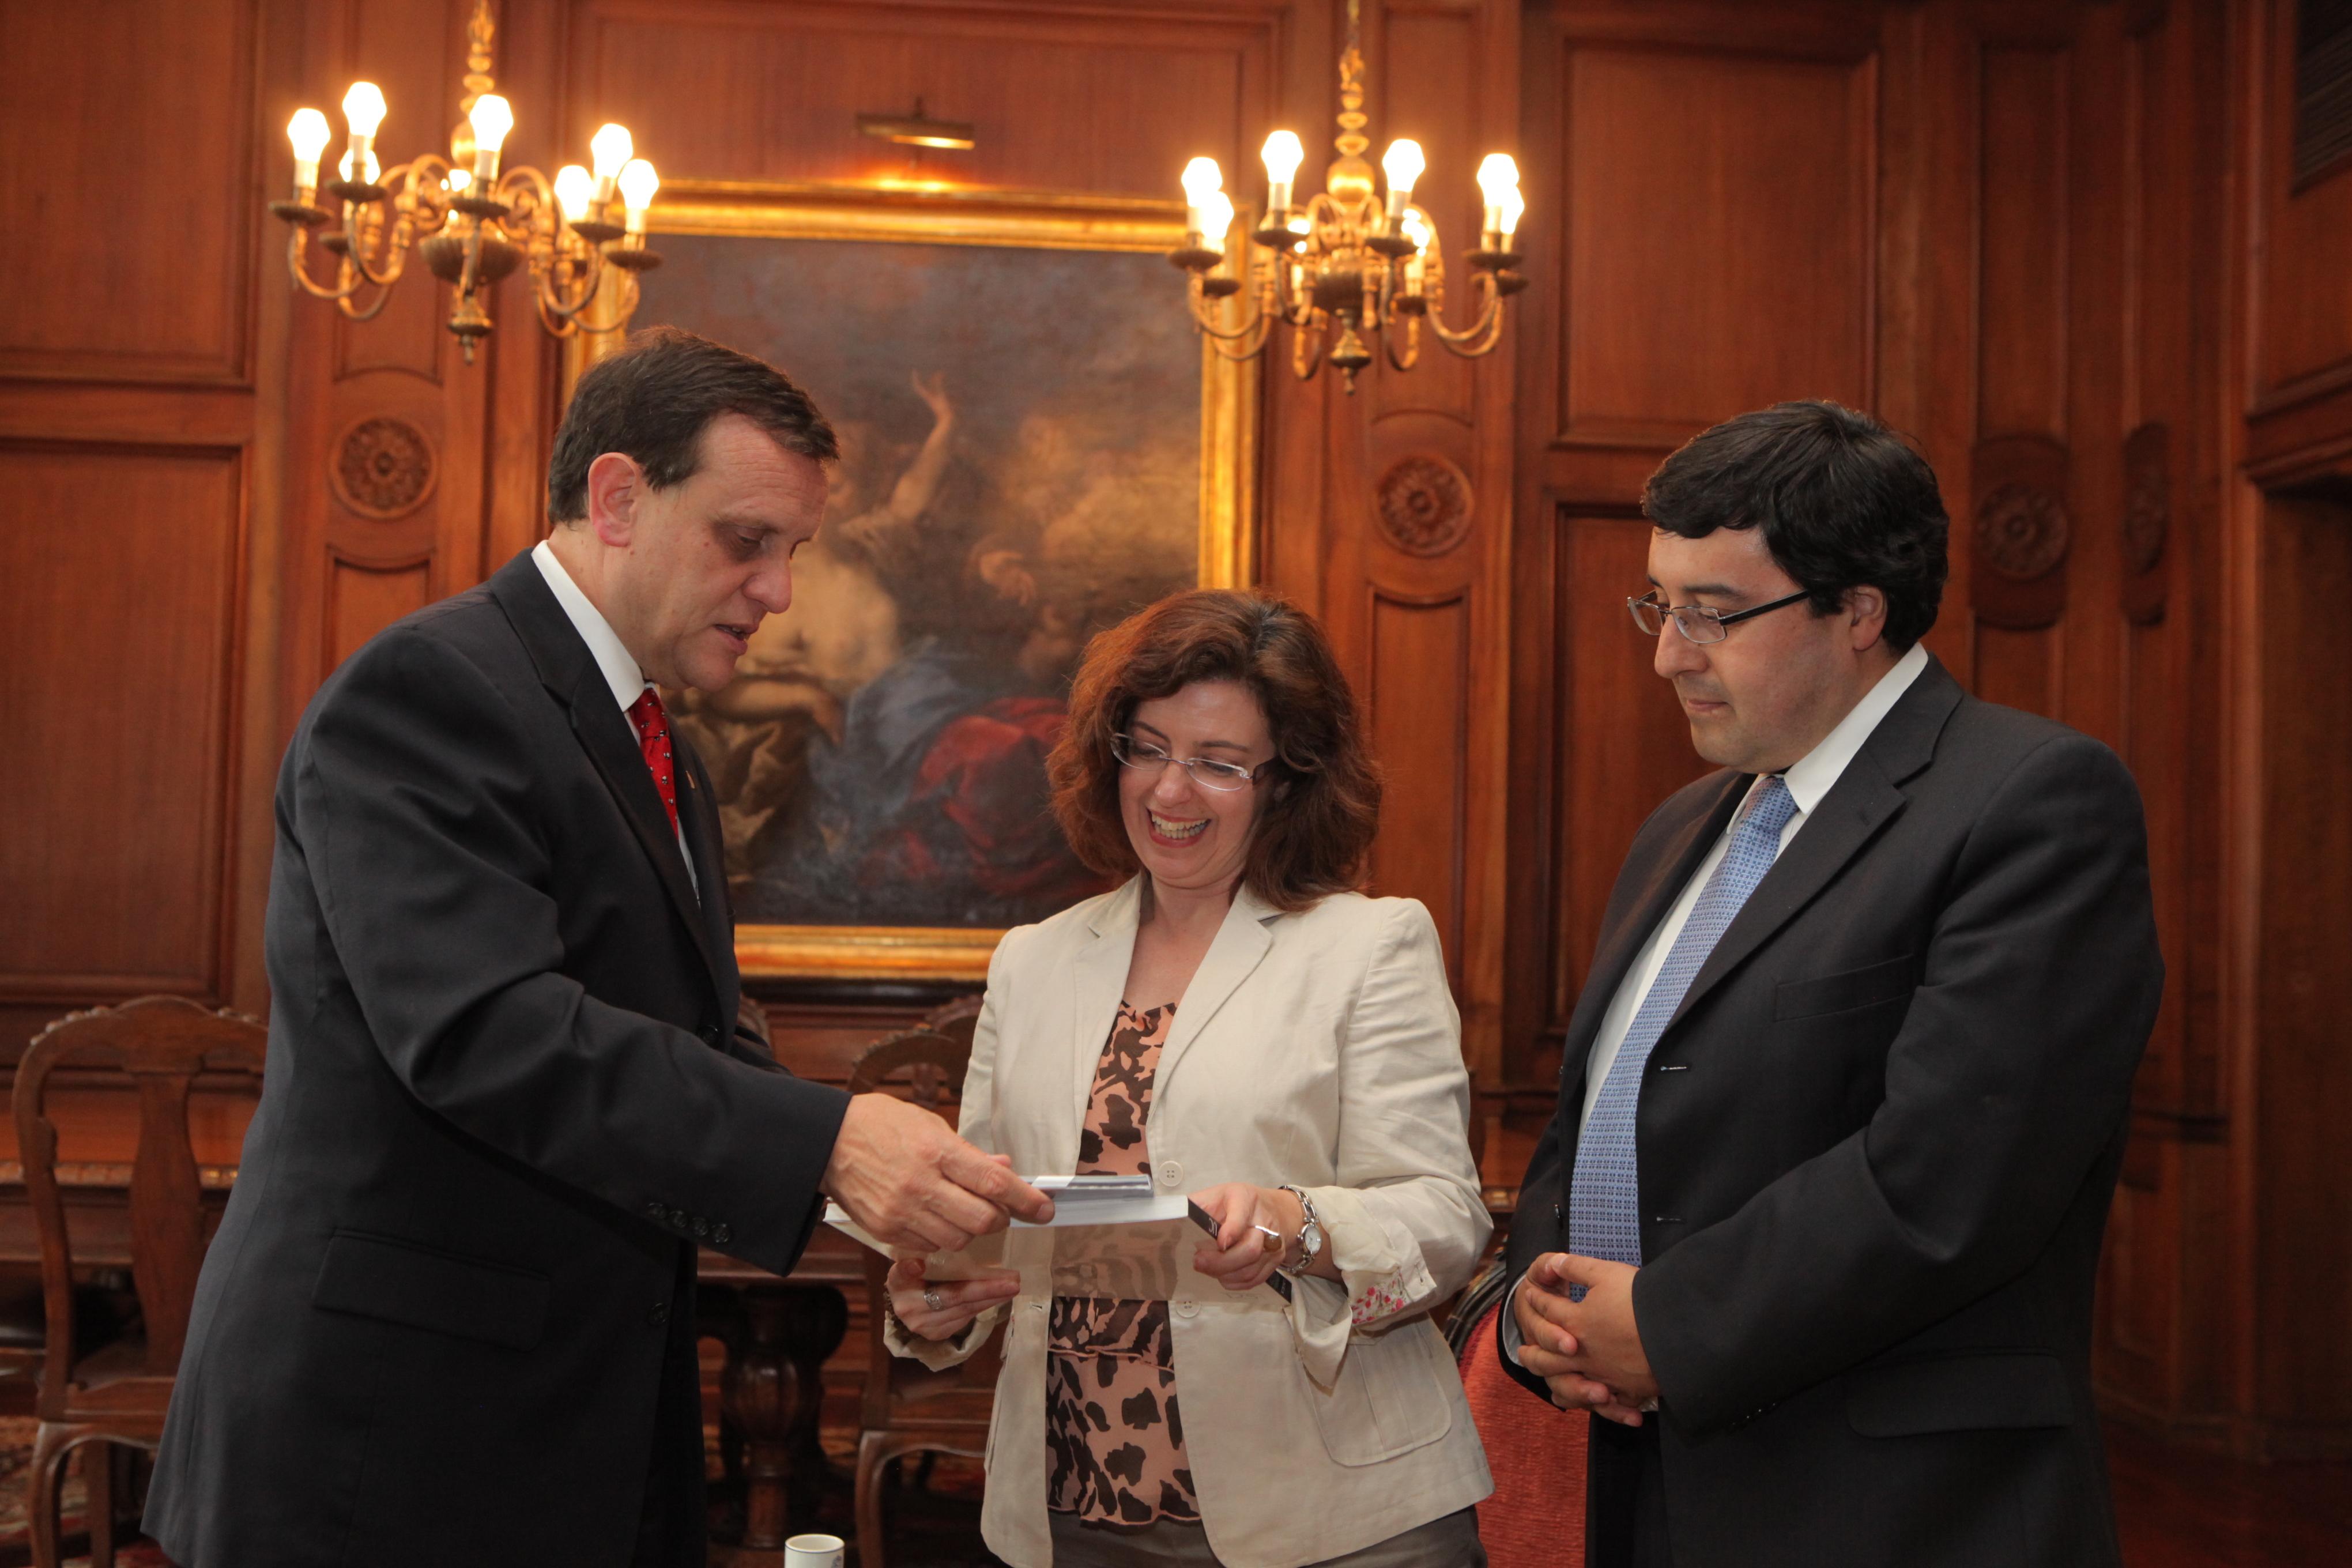 Las universidades de Salamanca y Católica de Chile impulsan los programas de intercambio de profesores y estudiantes